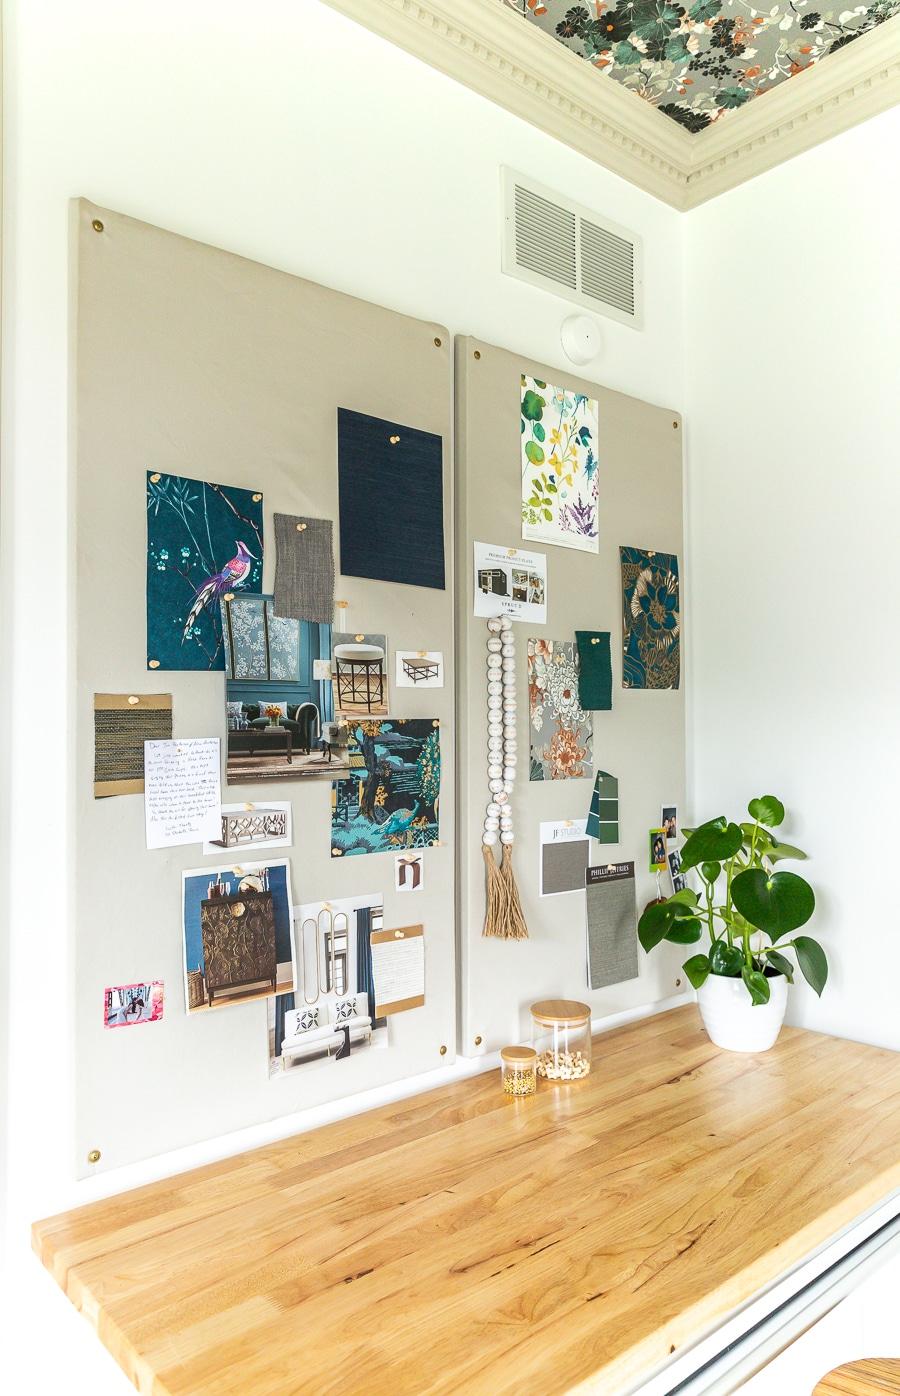 How to make a DIY fabric bulletin board mood board inspiration board pin board